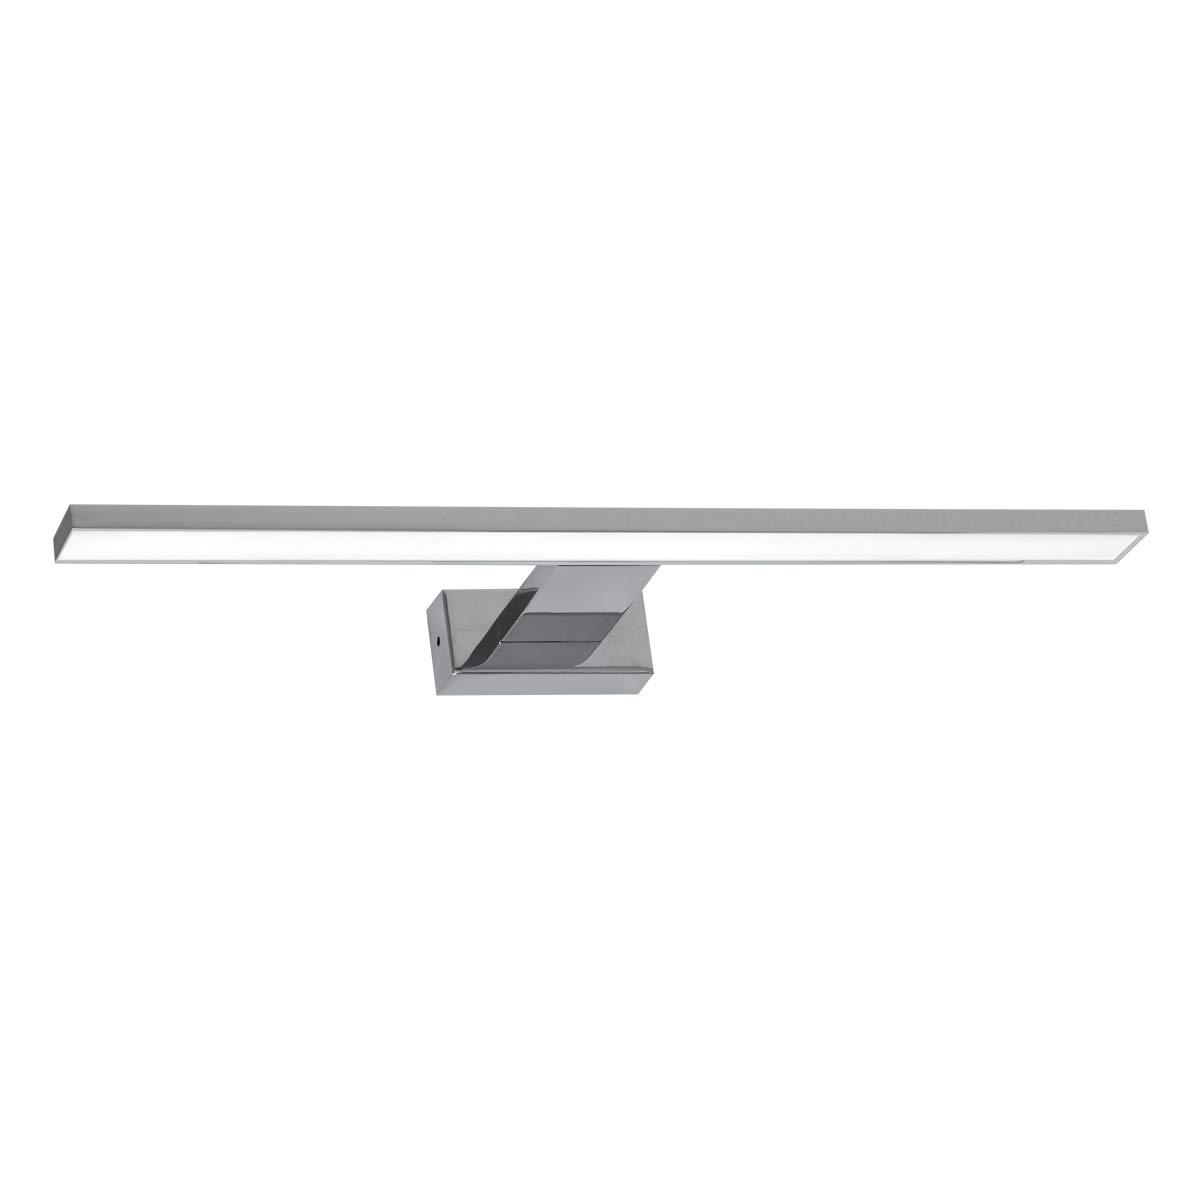 Applique a LED da bagno SHINE LED 7W 230V 300x120